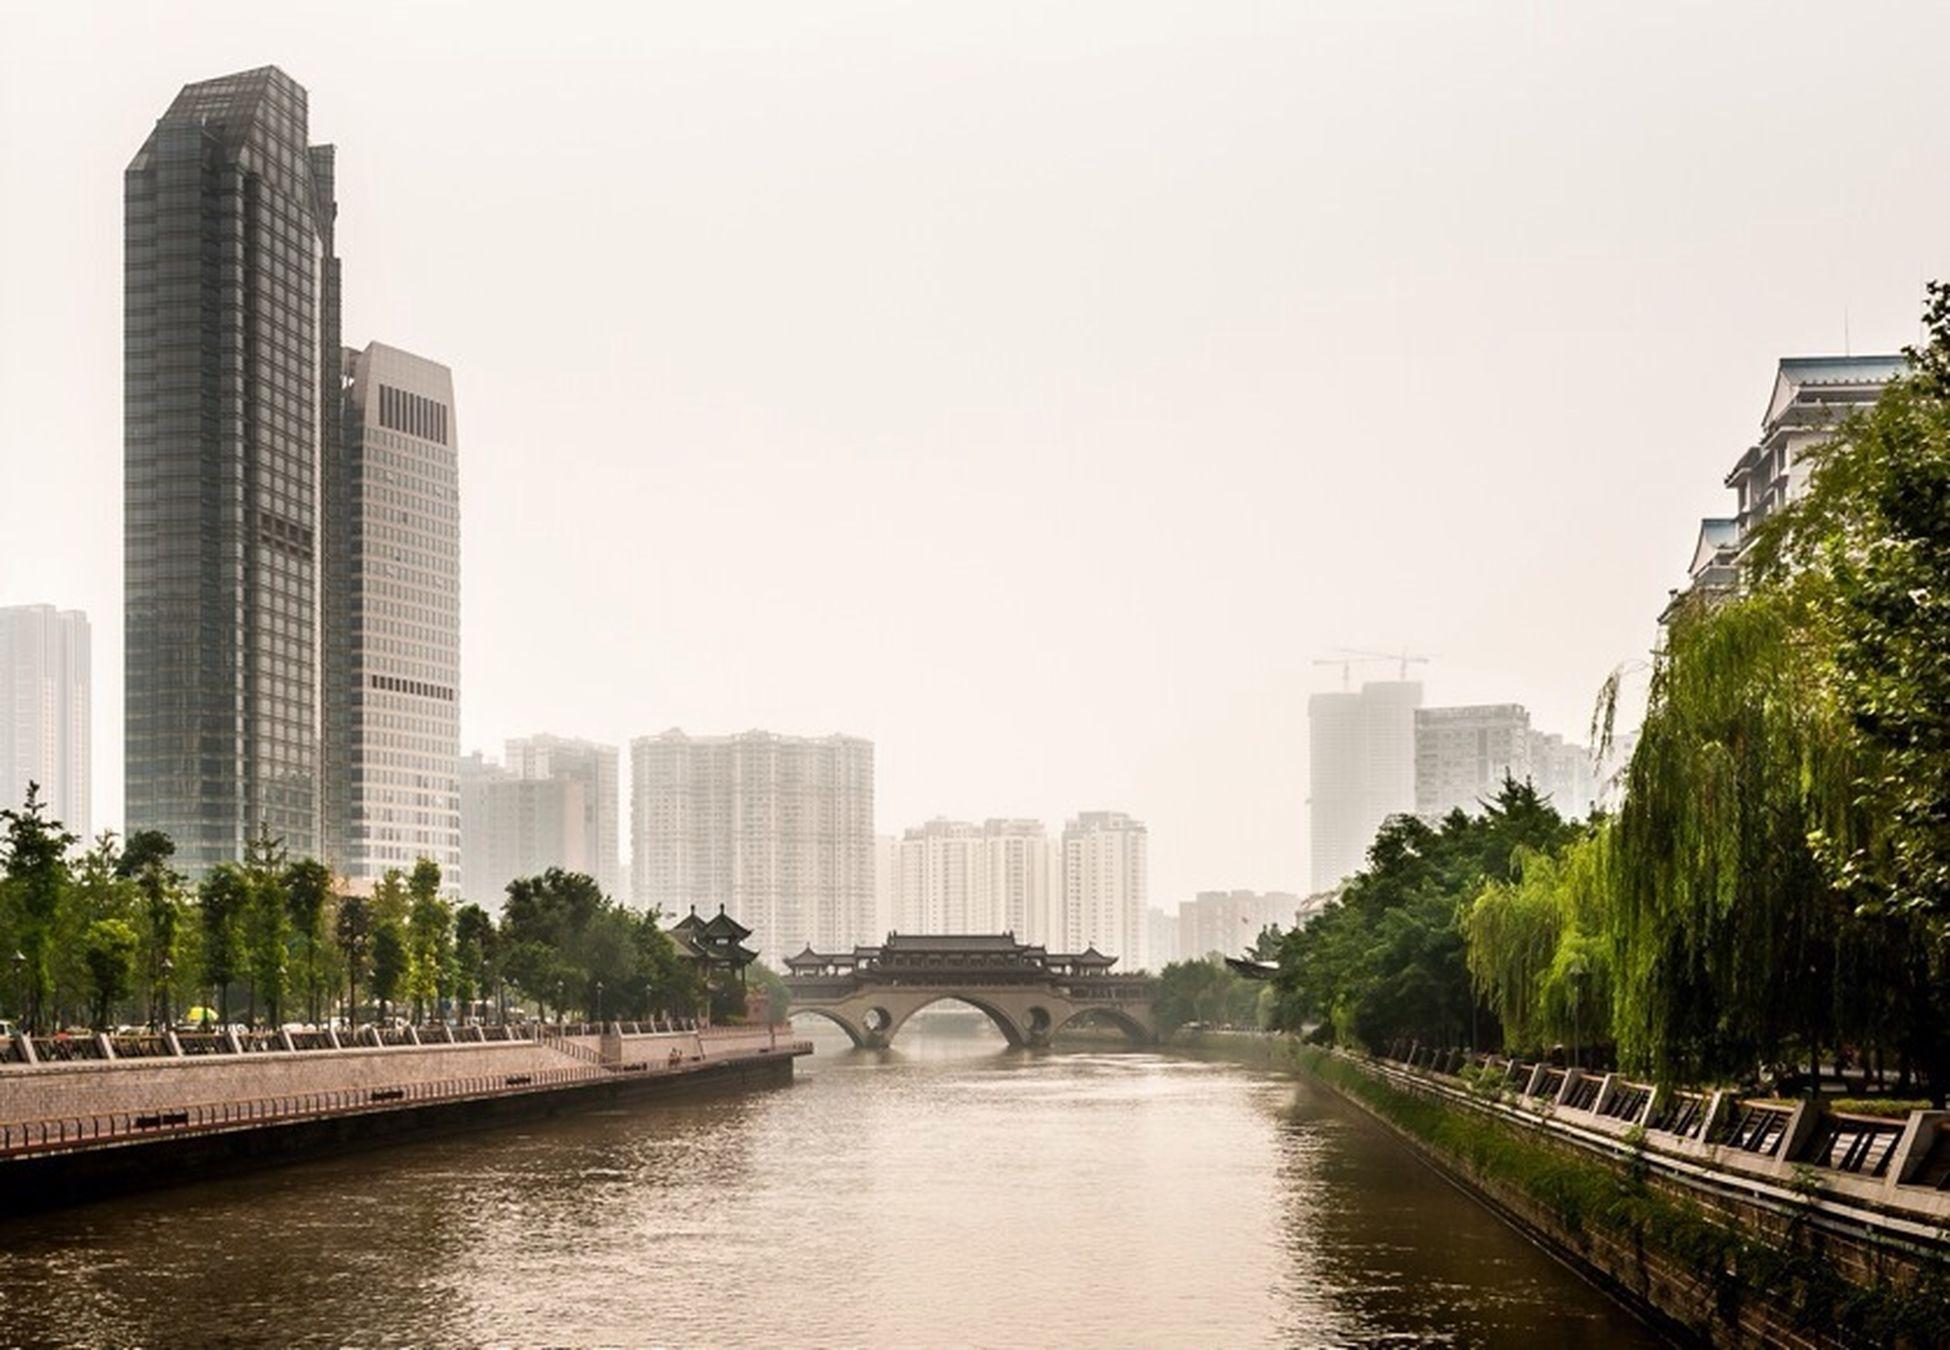 City Landscape Cityscapes Chengdu